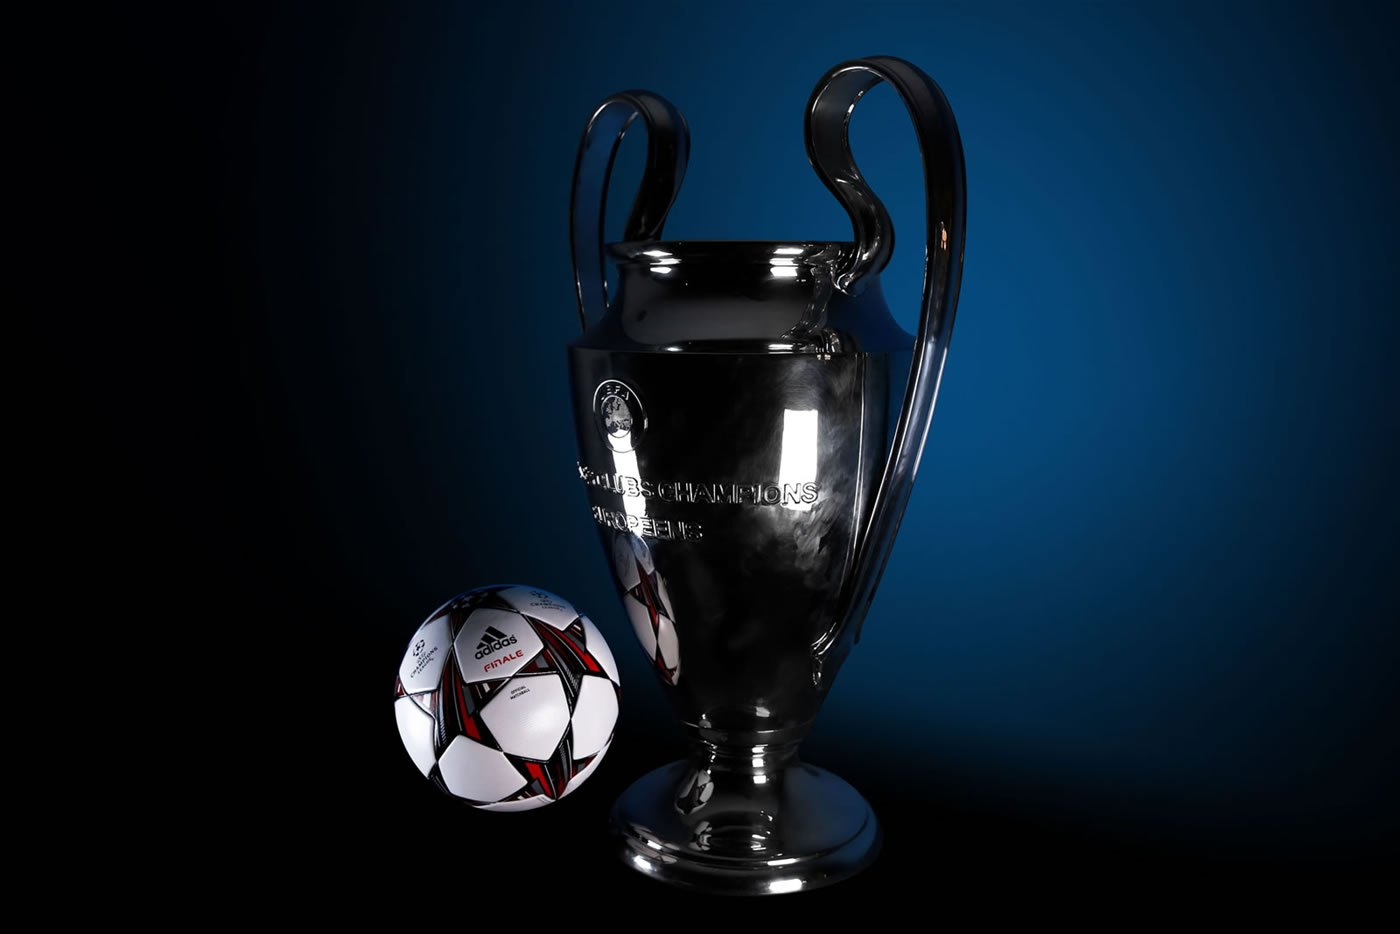 uefa europa league 2019-19